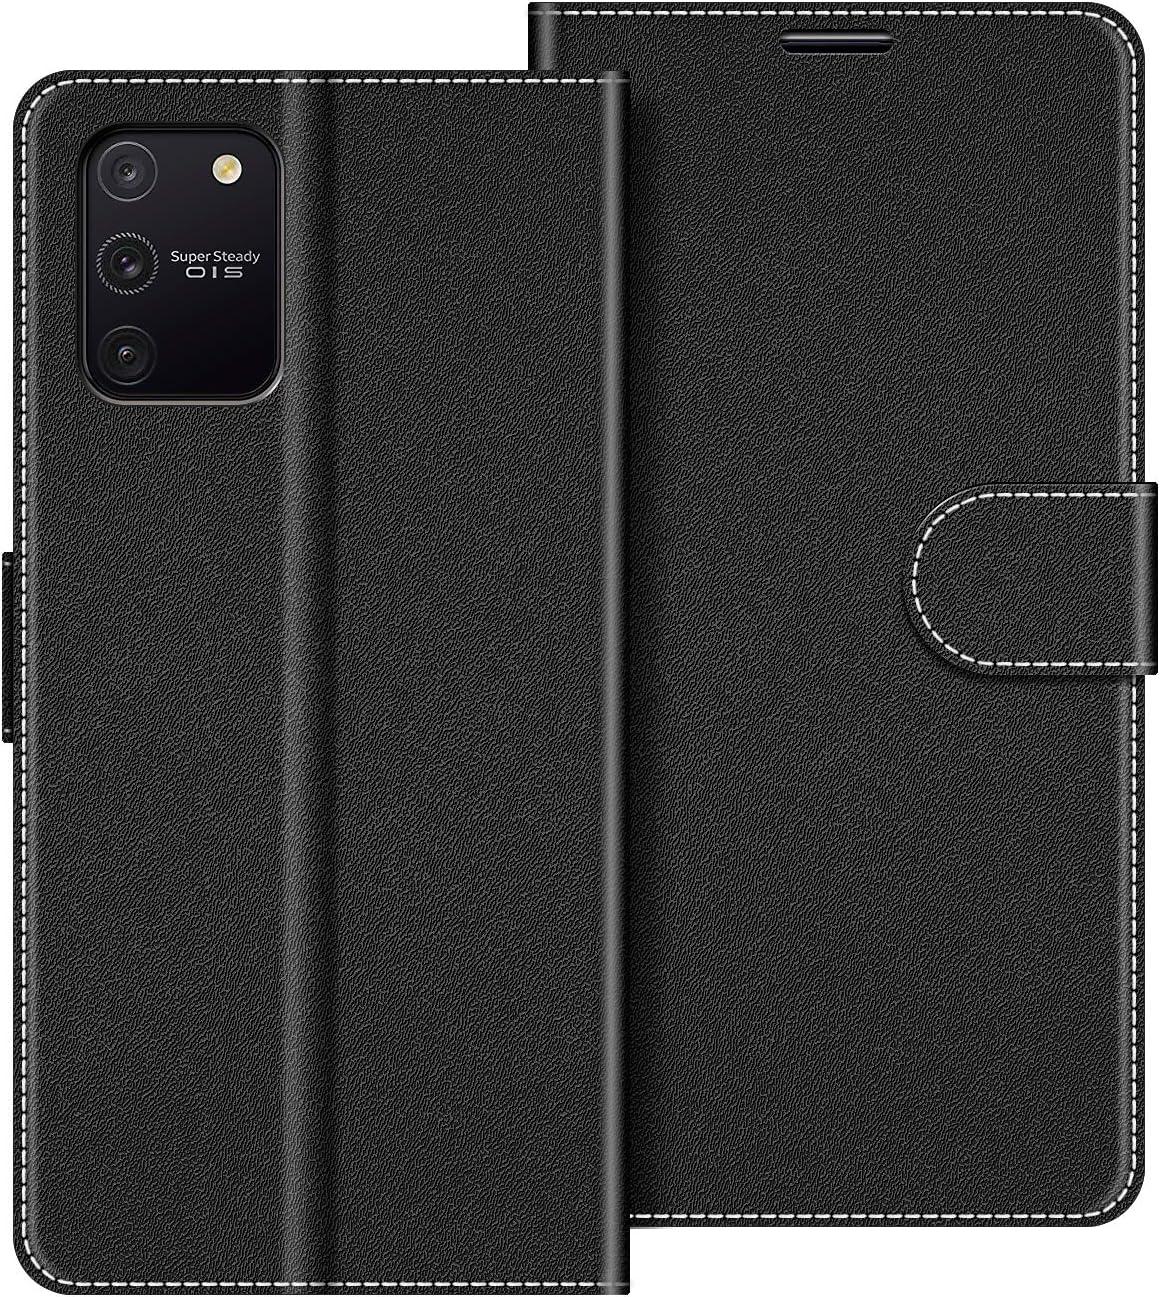 Funda Movil Samsung Galaxy S10 Lite Funda Libro Samsung Galaxy S10 Lite Carcasa Magn/ético Funda para Samsung Galaxy S10 Lite COODIO Funda Samsung Galaxy S10 Lite con Tapa Negro